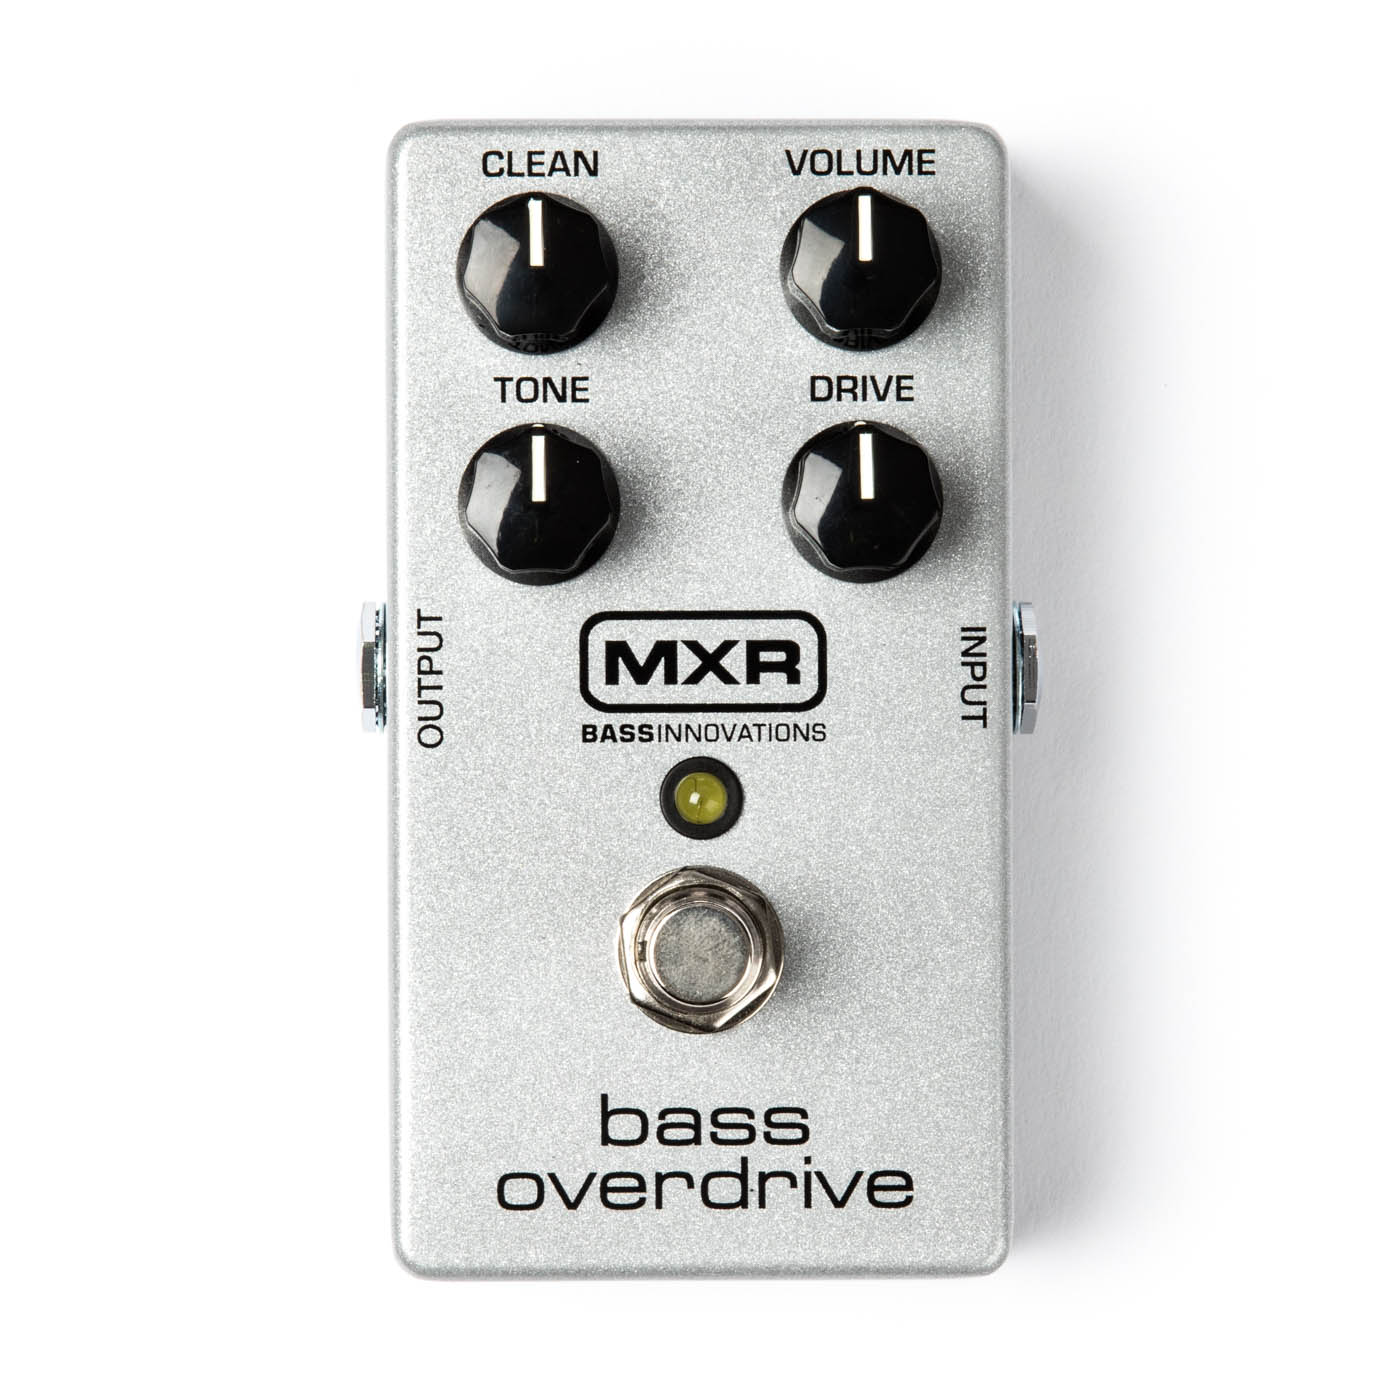 MXR Bass Overdrive